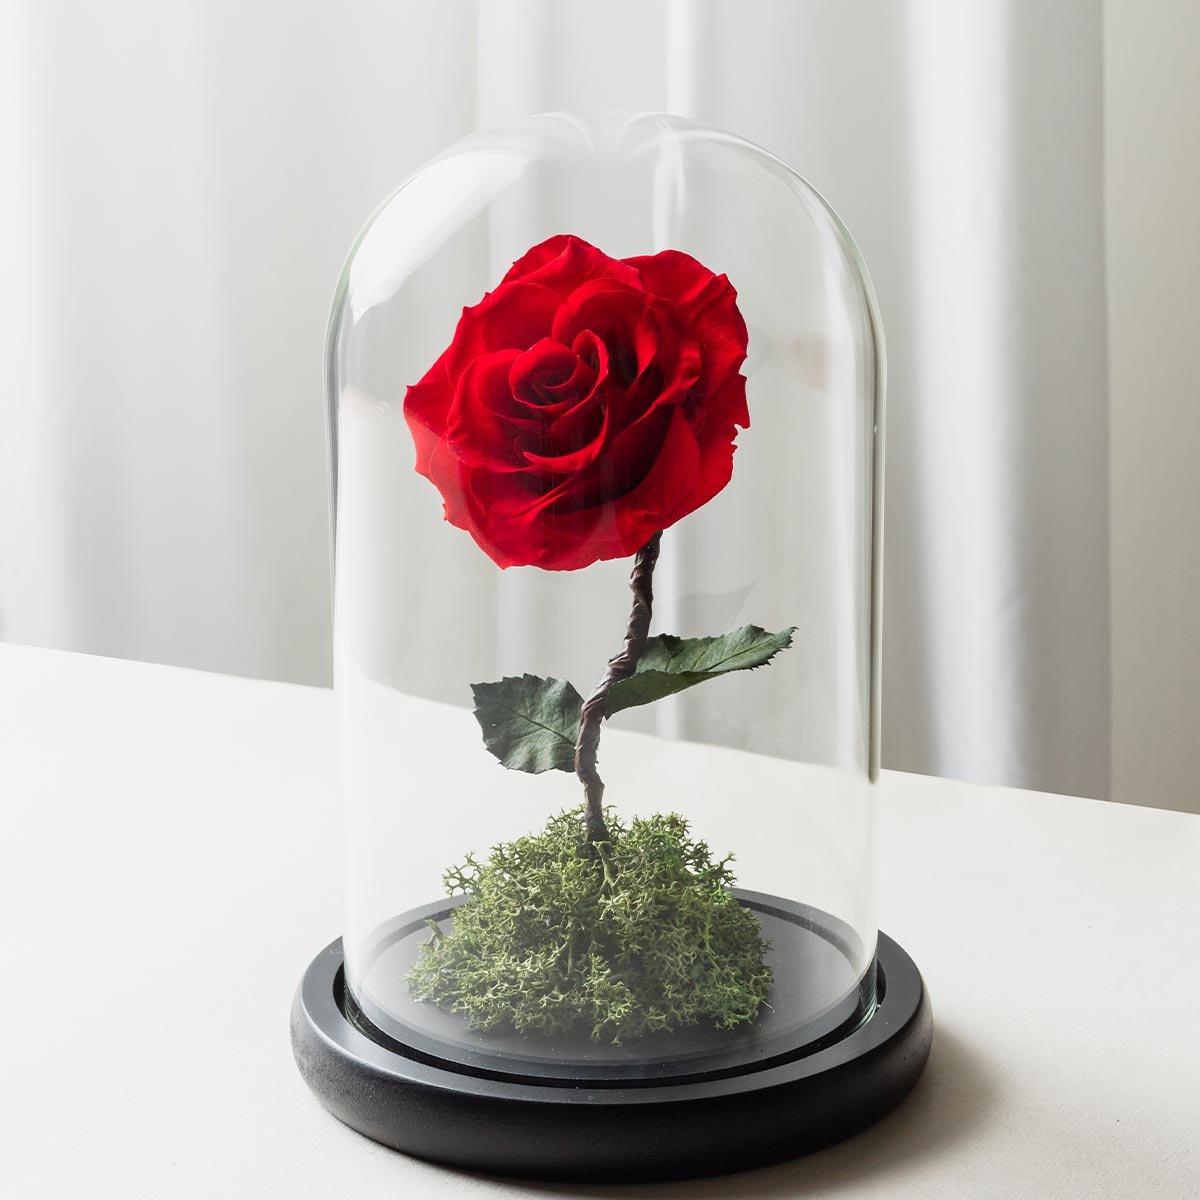 紅色永生玫瑰花玻璃罩封面-喜歡生活乾燥花店-1